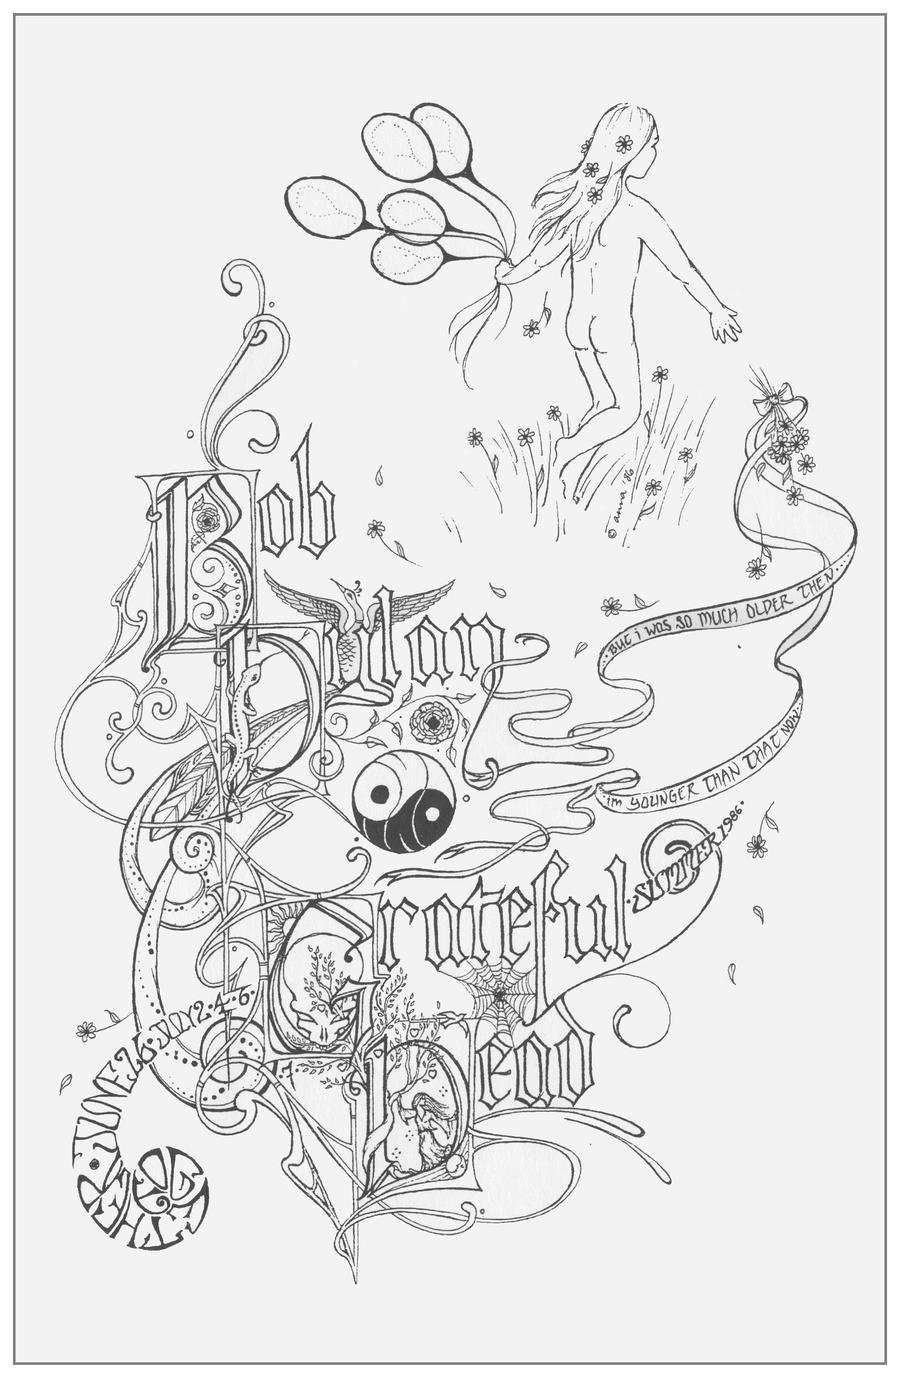 bob dylan grateful dead 1986 by babysnakes on deviantart - Grateful Dead Coloring Book